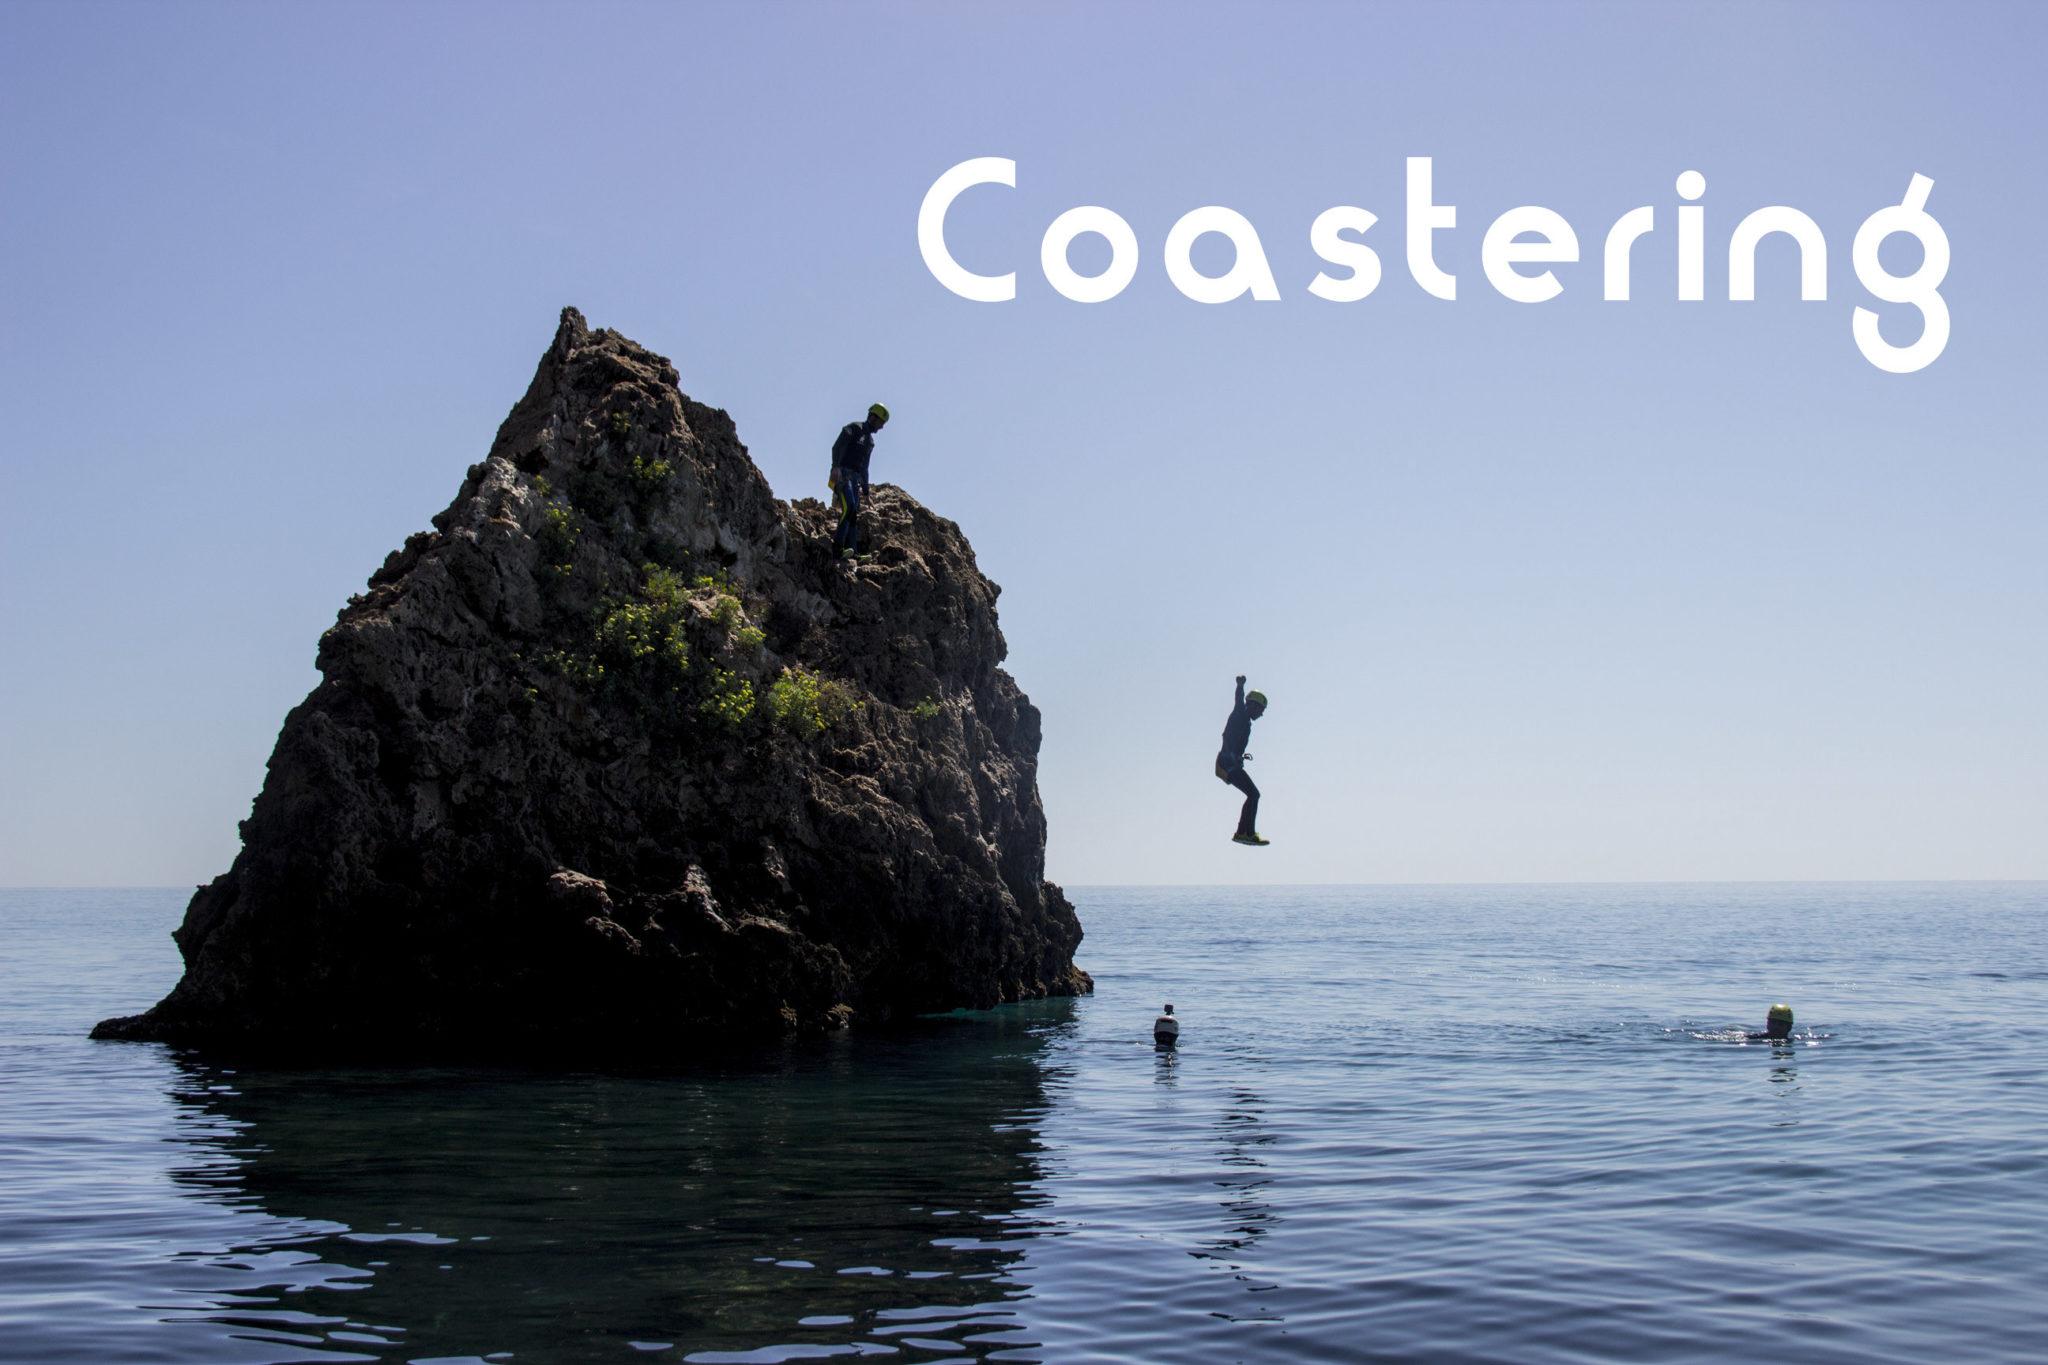 Coastering